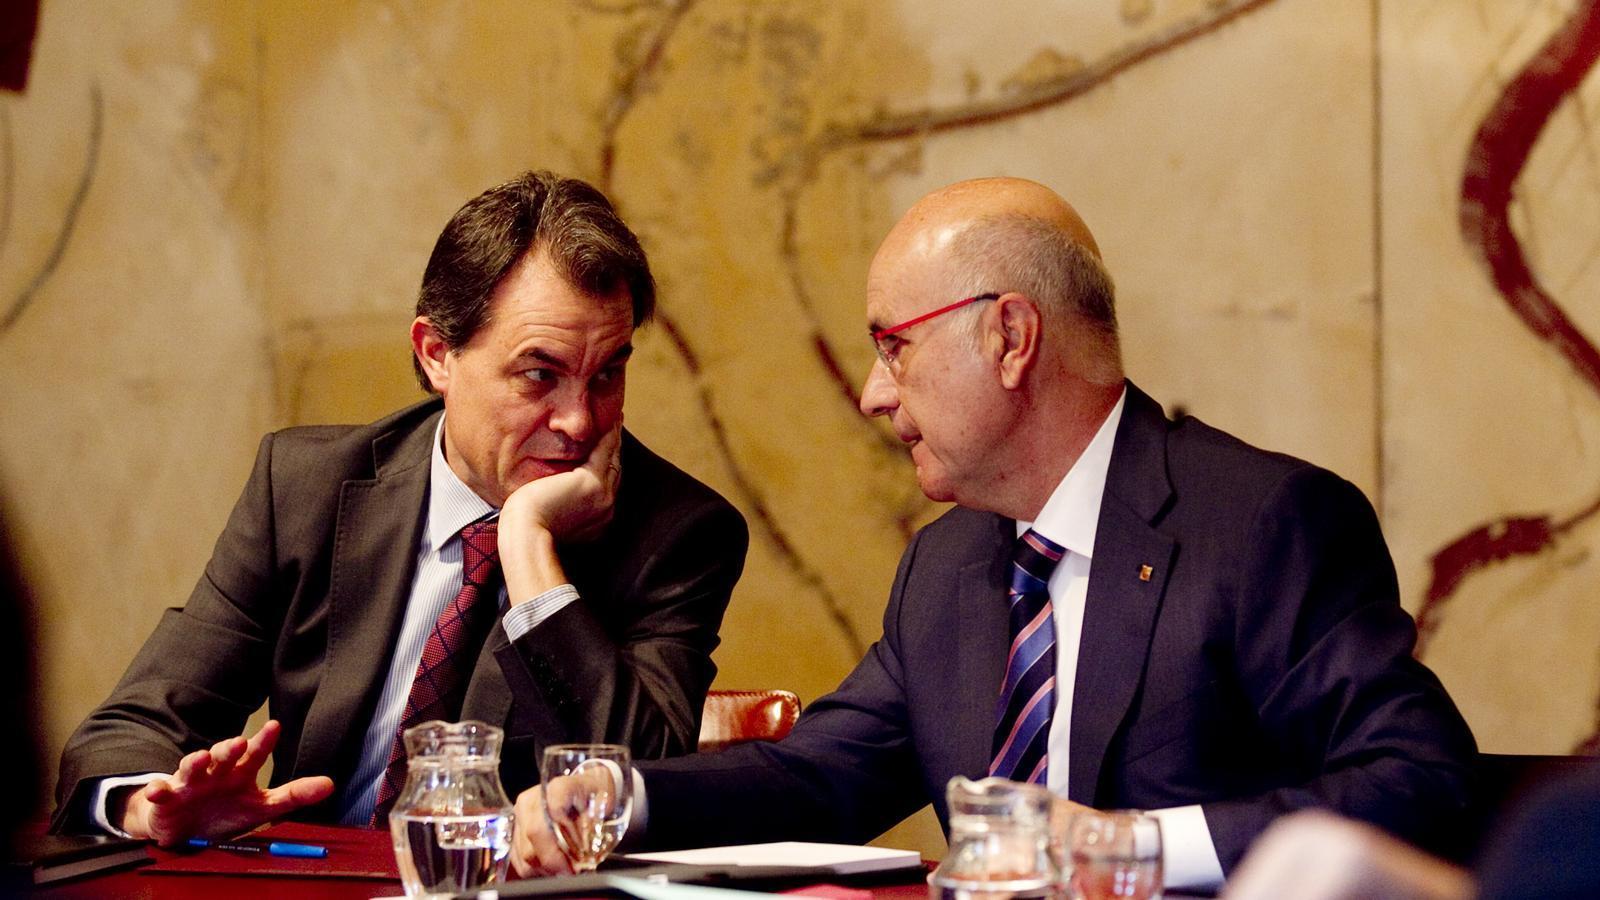 Una confusió entre partit i Govern que no escandalitza